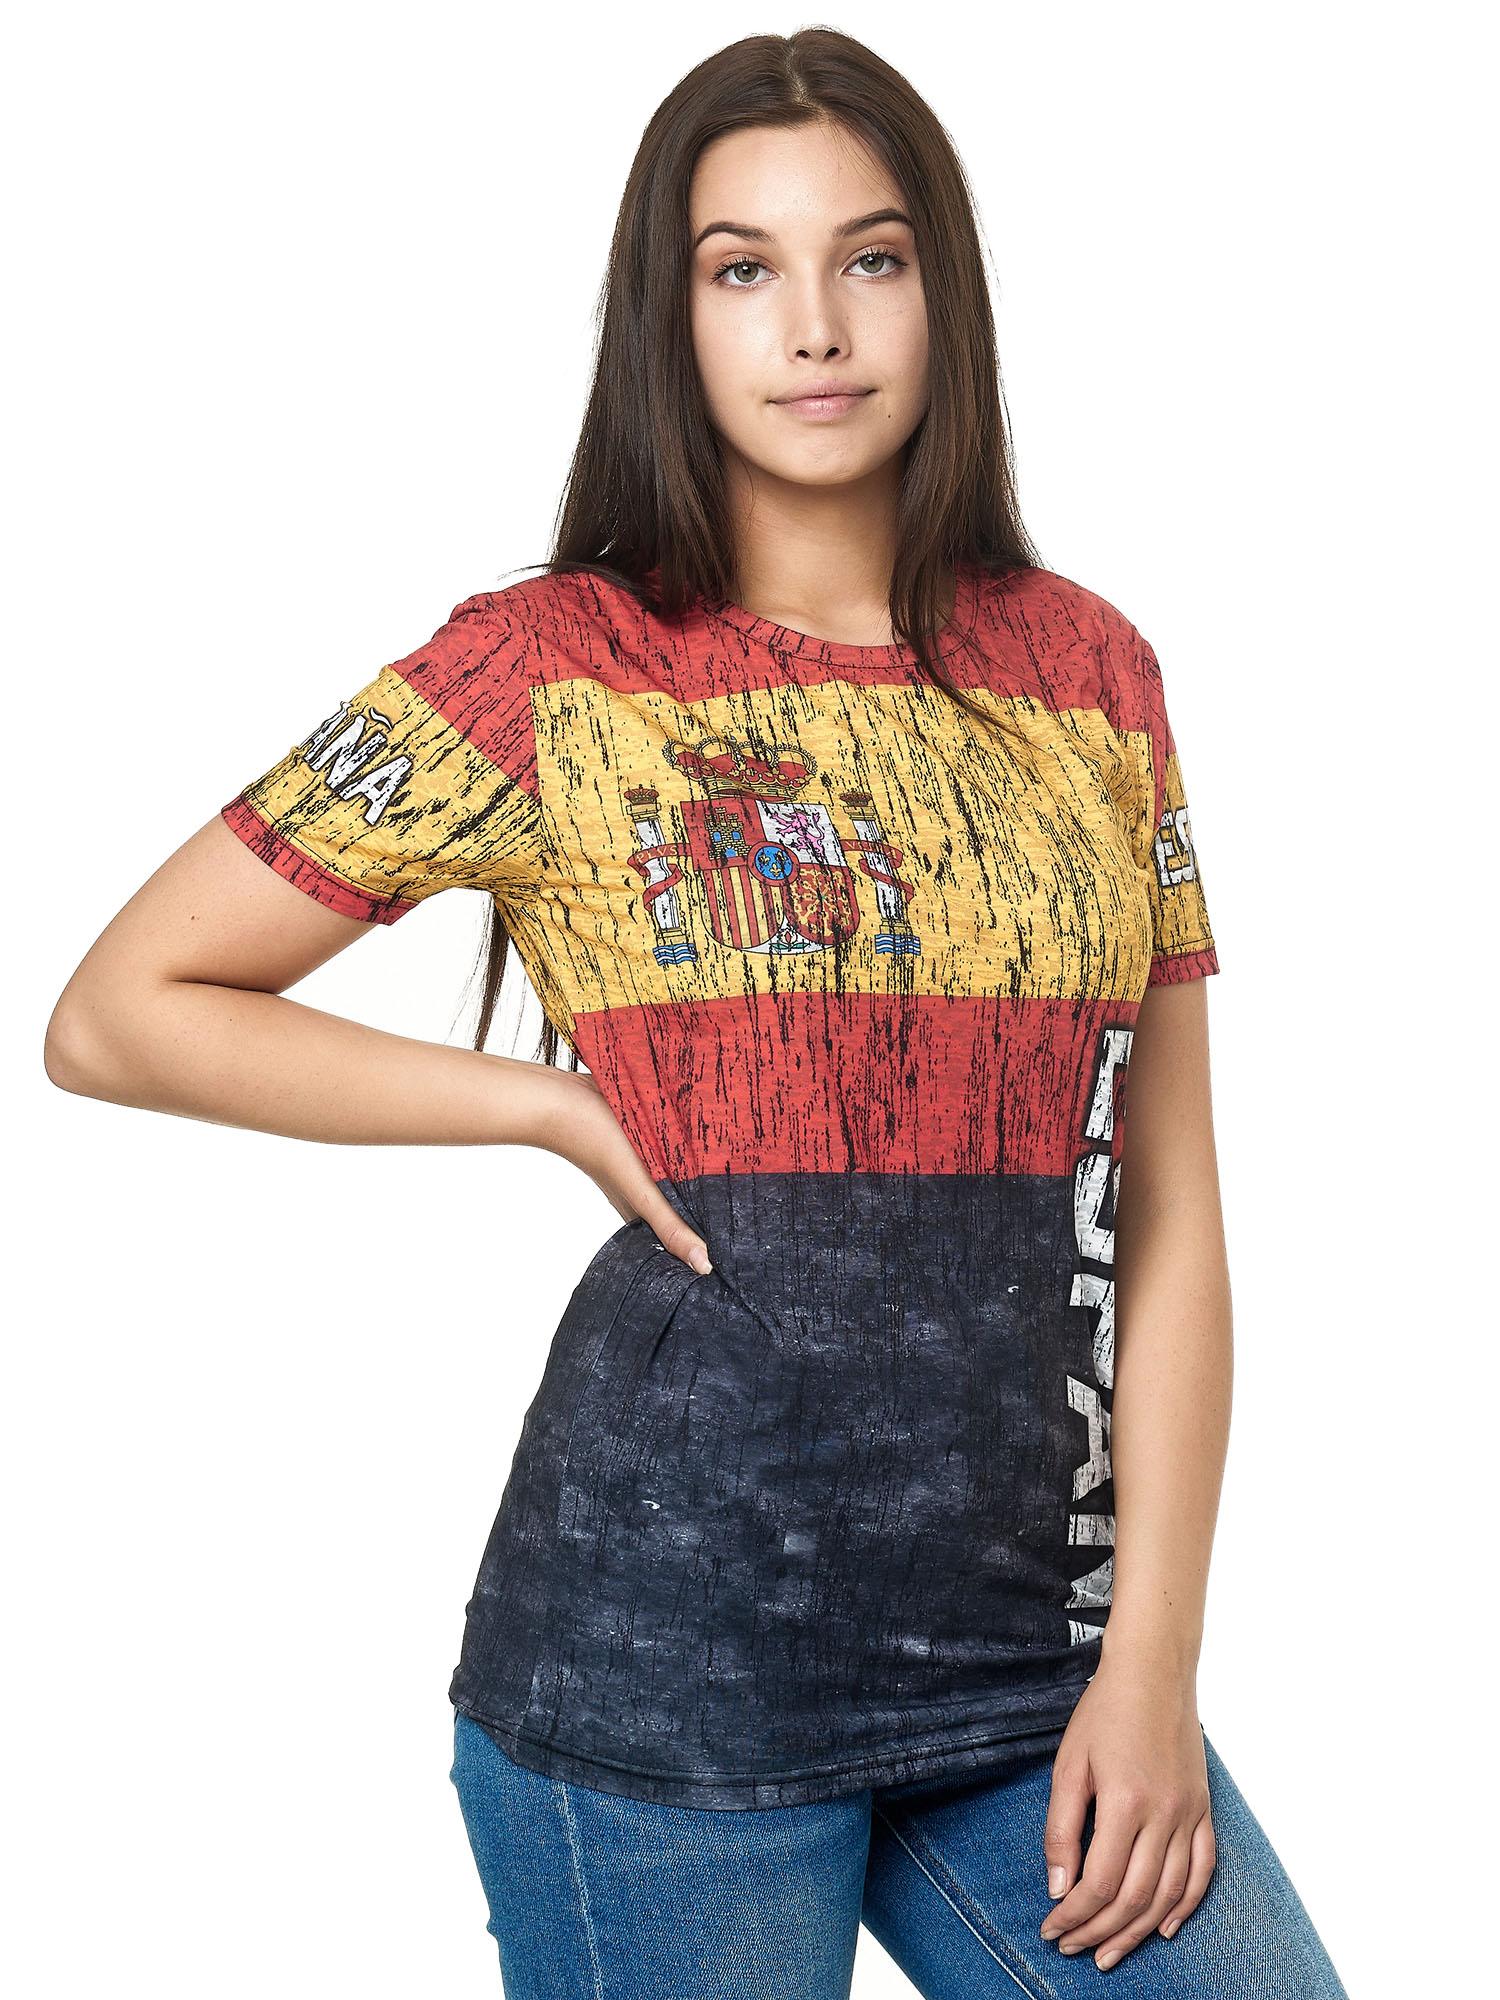 Paesi-da-Donna-T-shirt-A-Maniche-Corte-Girocollo-donne-CALCIO-Fanshirt-John-Kayna miniatura 108